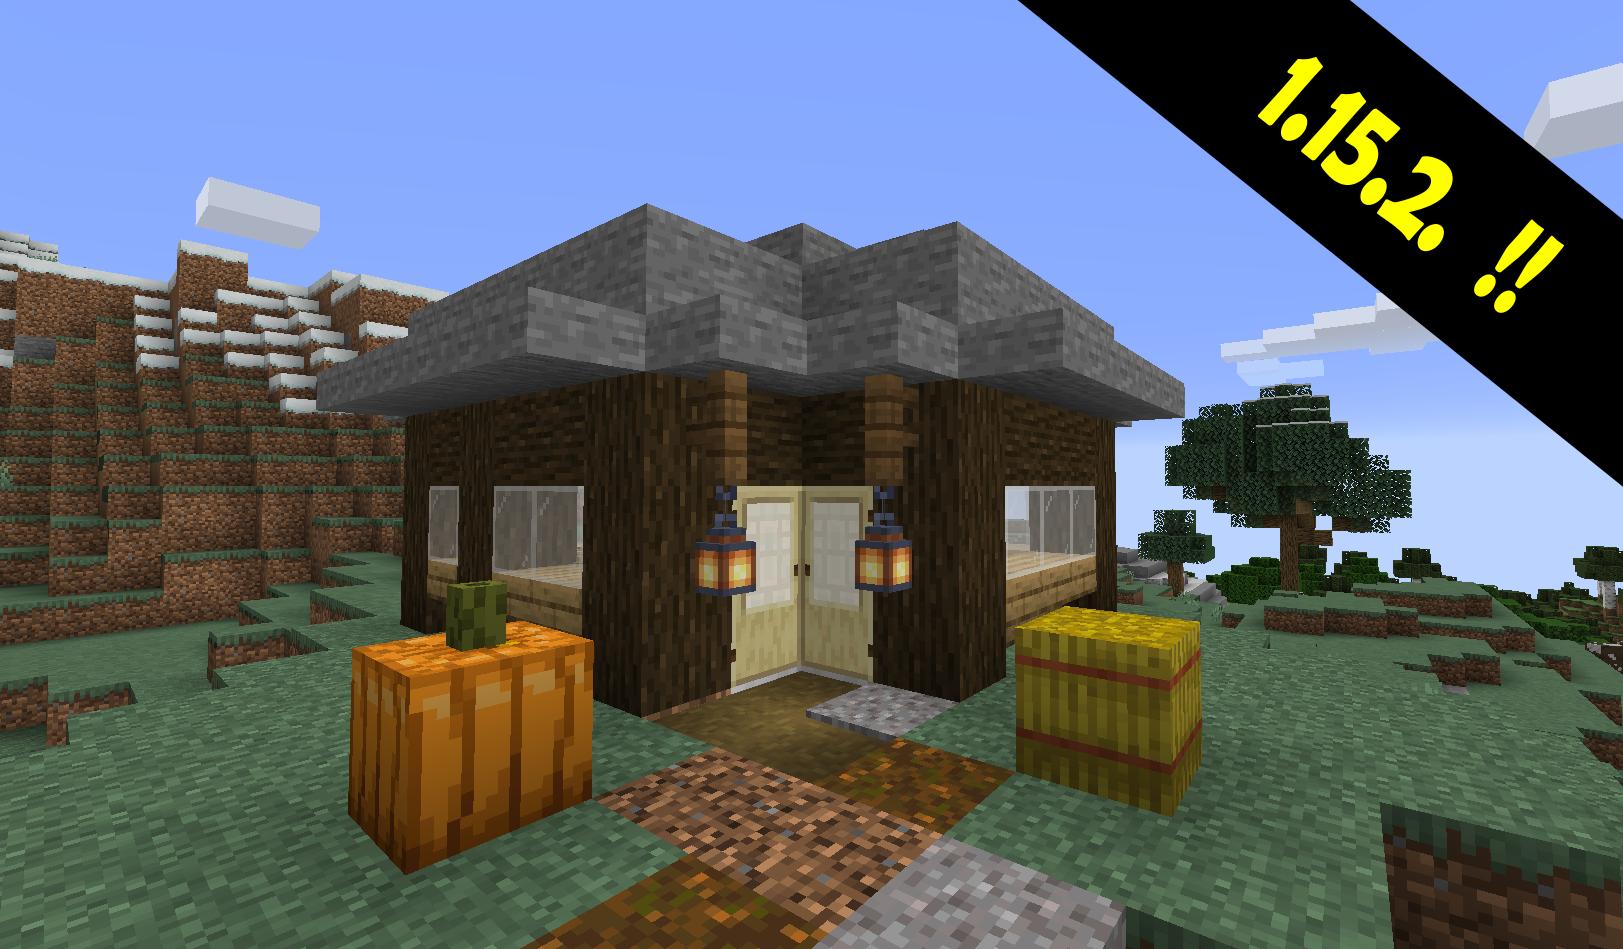 Pieni puinen talo Minecraftissa.